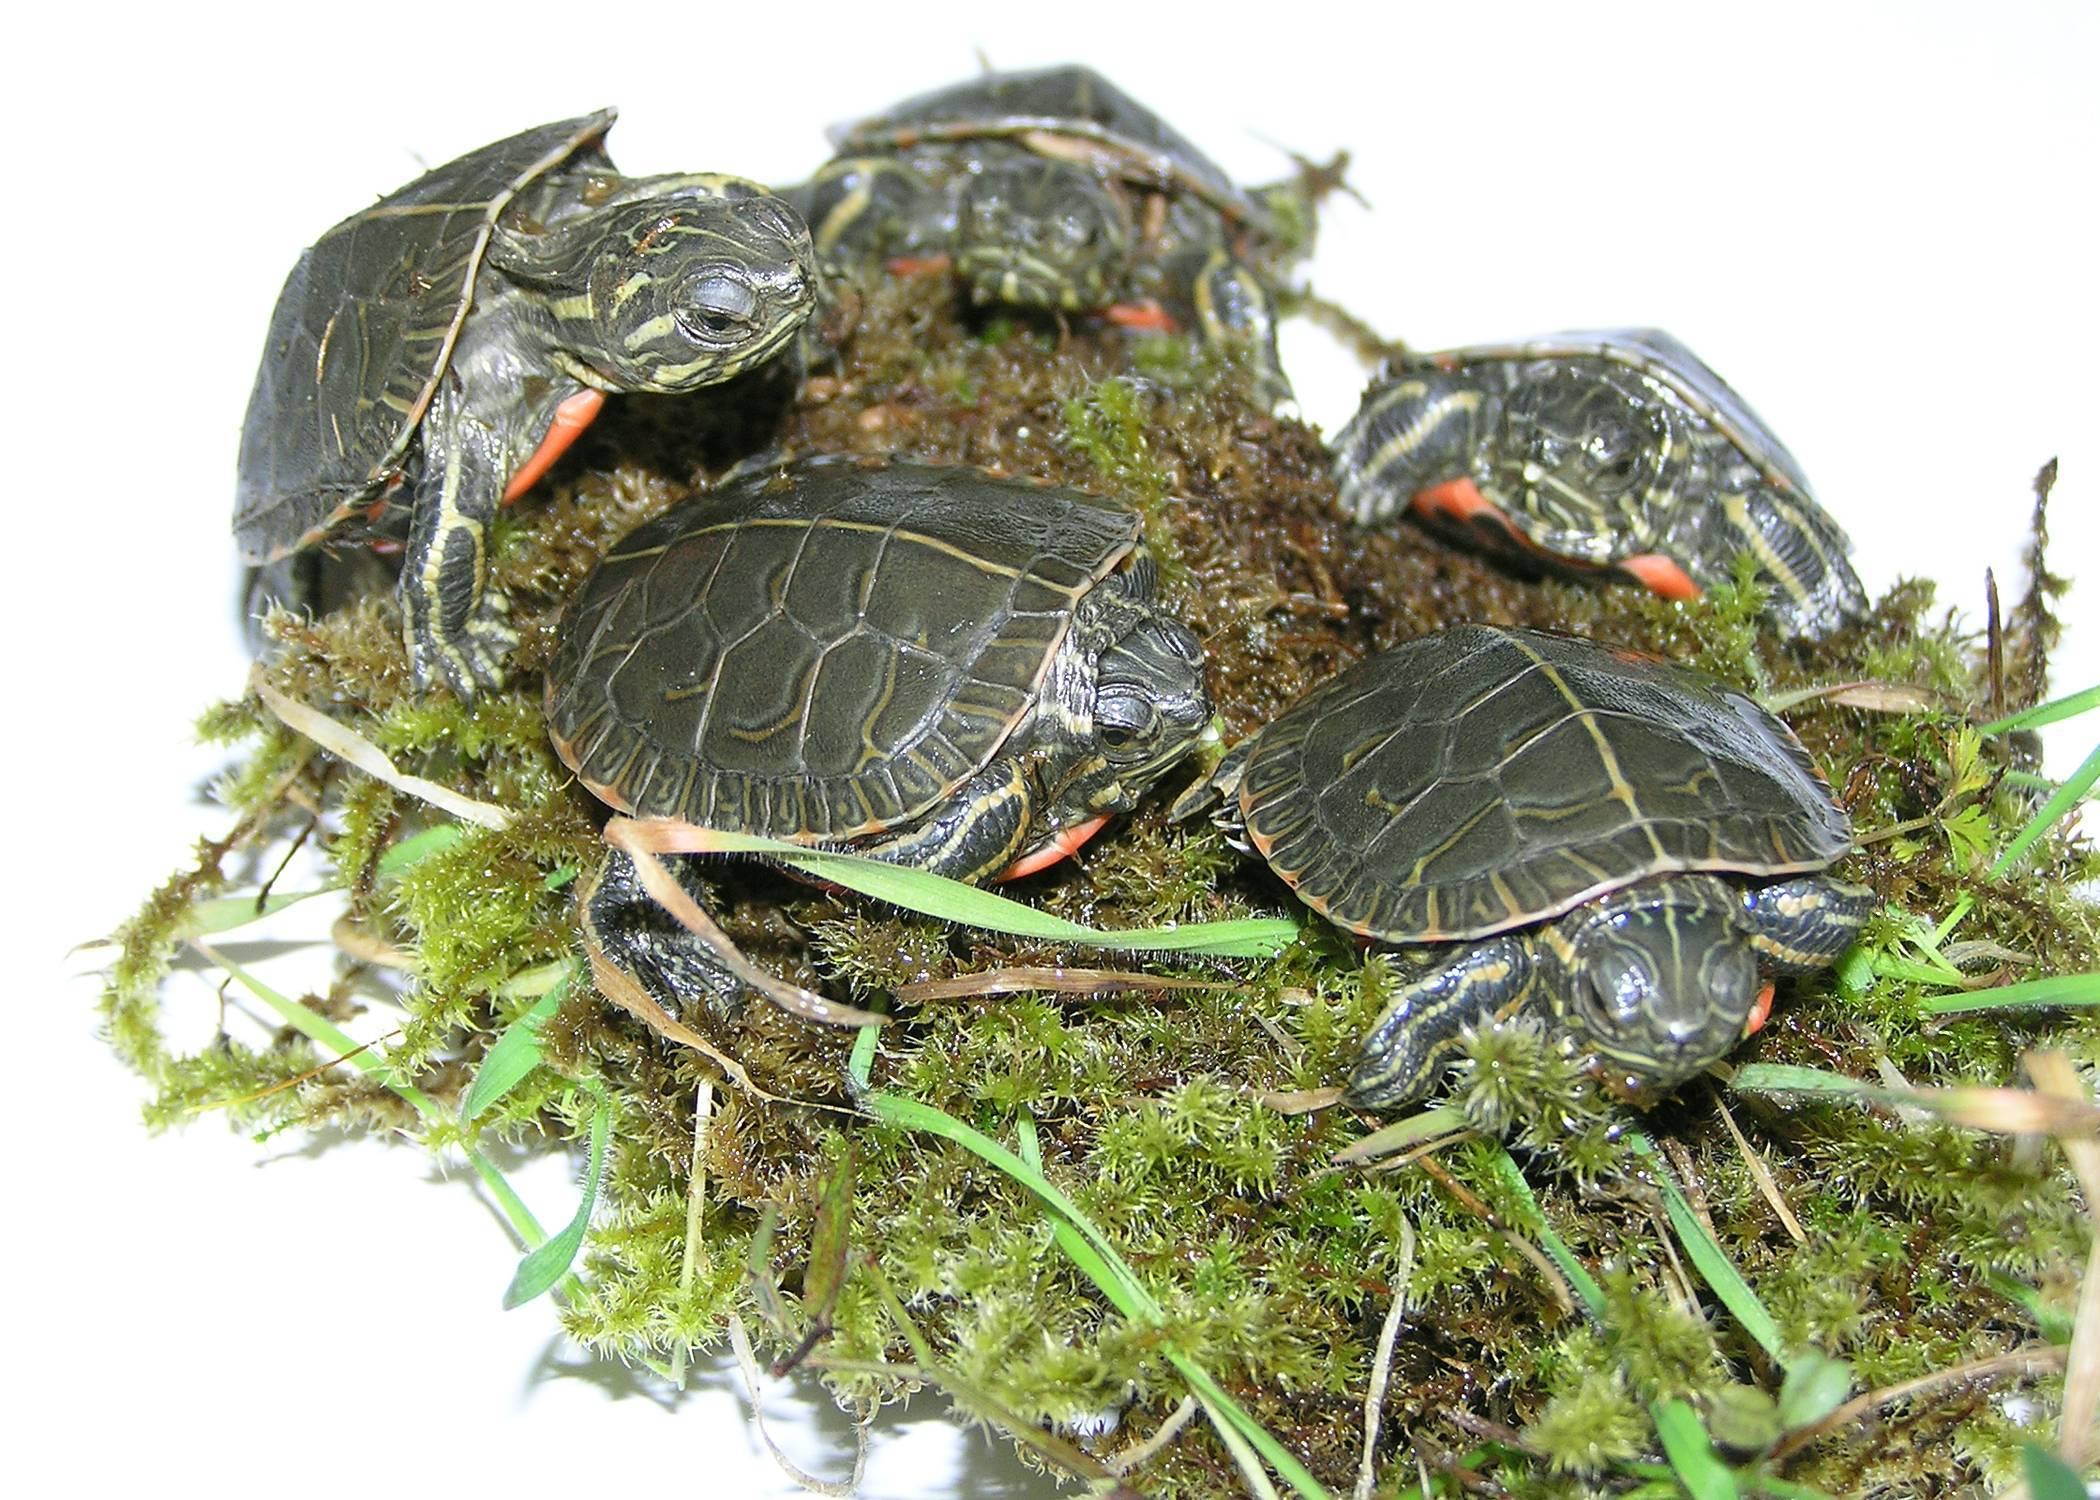 Черепаха - живой танк, особенности вида, образ жизни, размножение рептилий